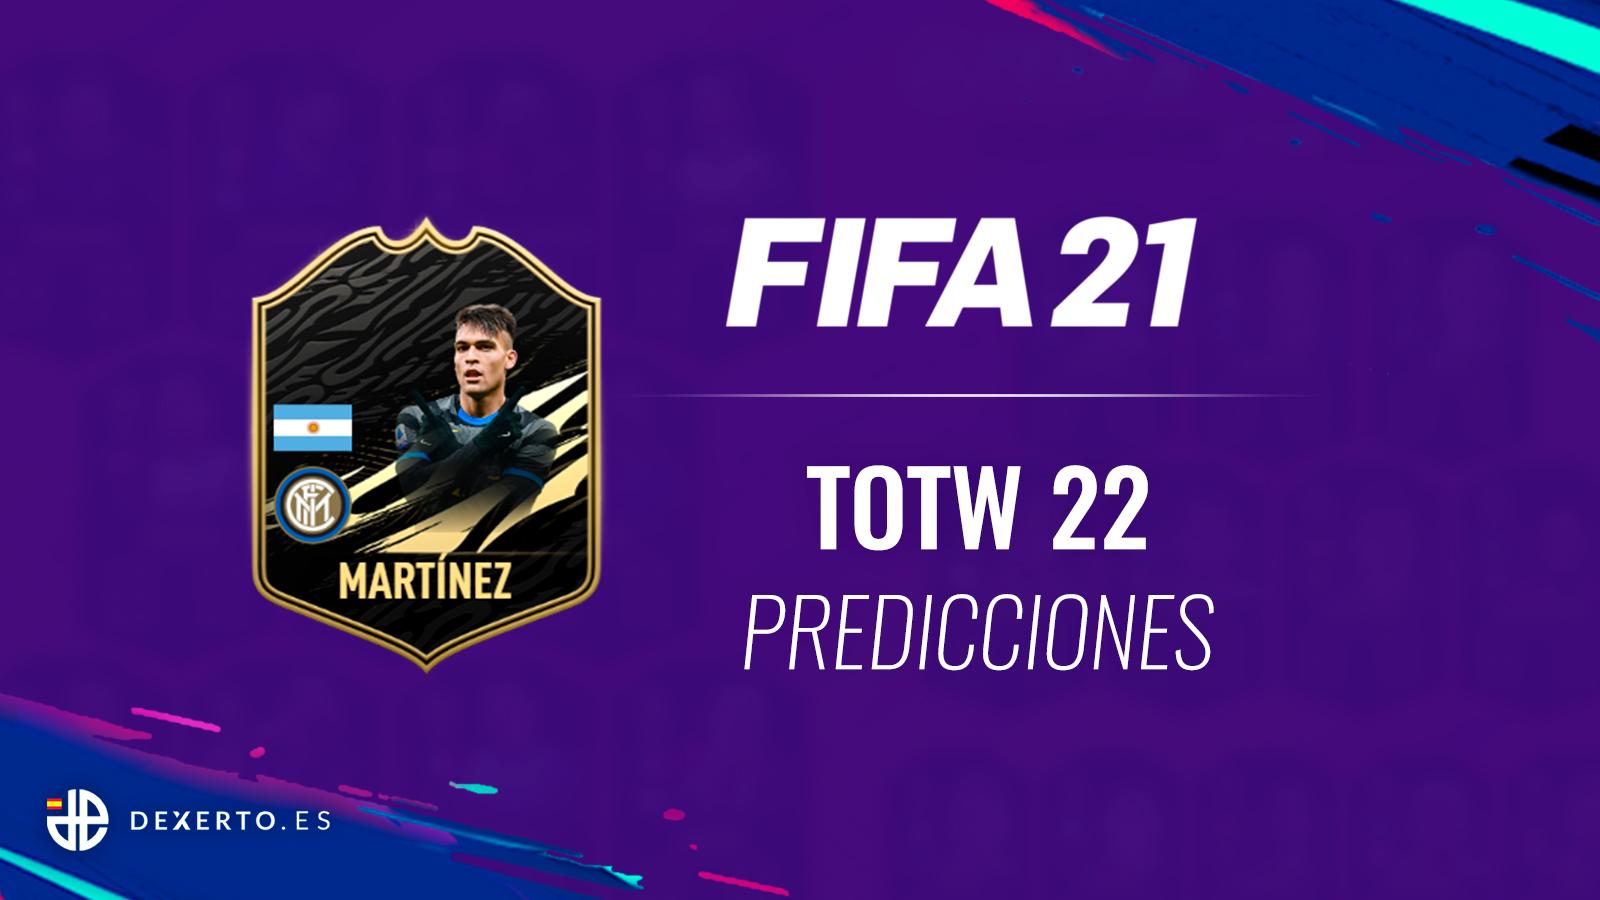 FIFA 21 TOTW 22 predicciones